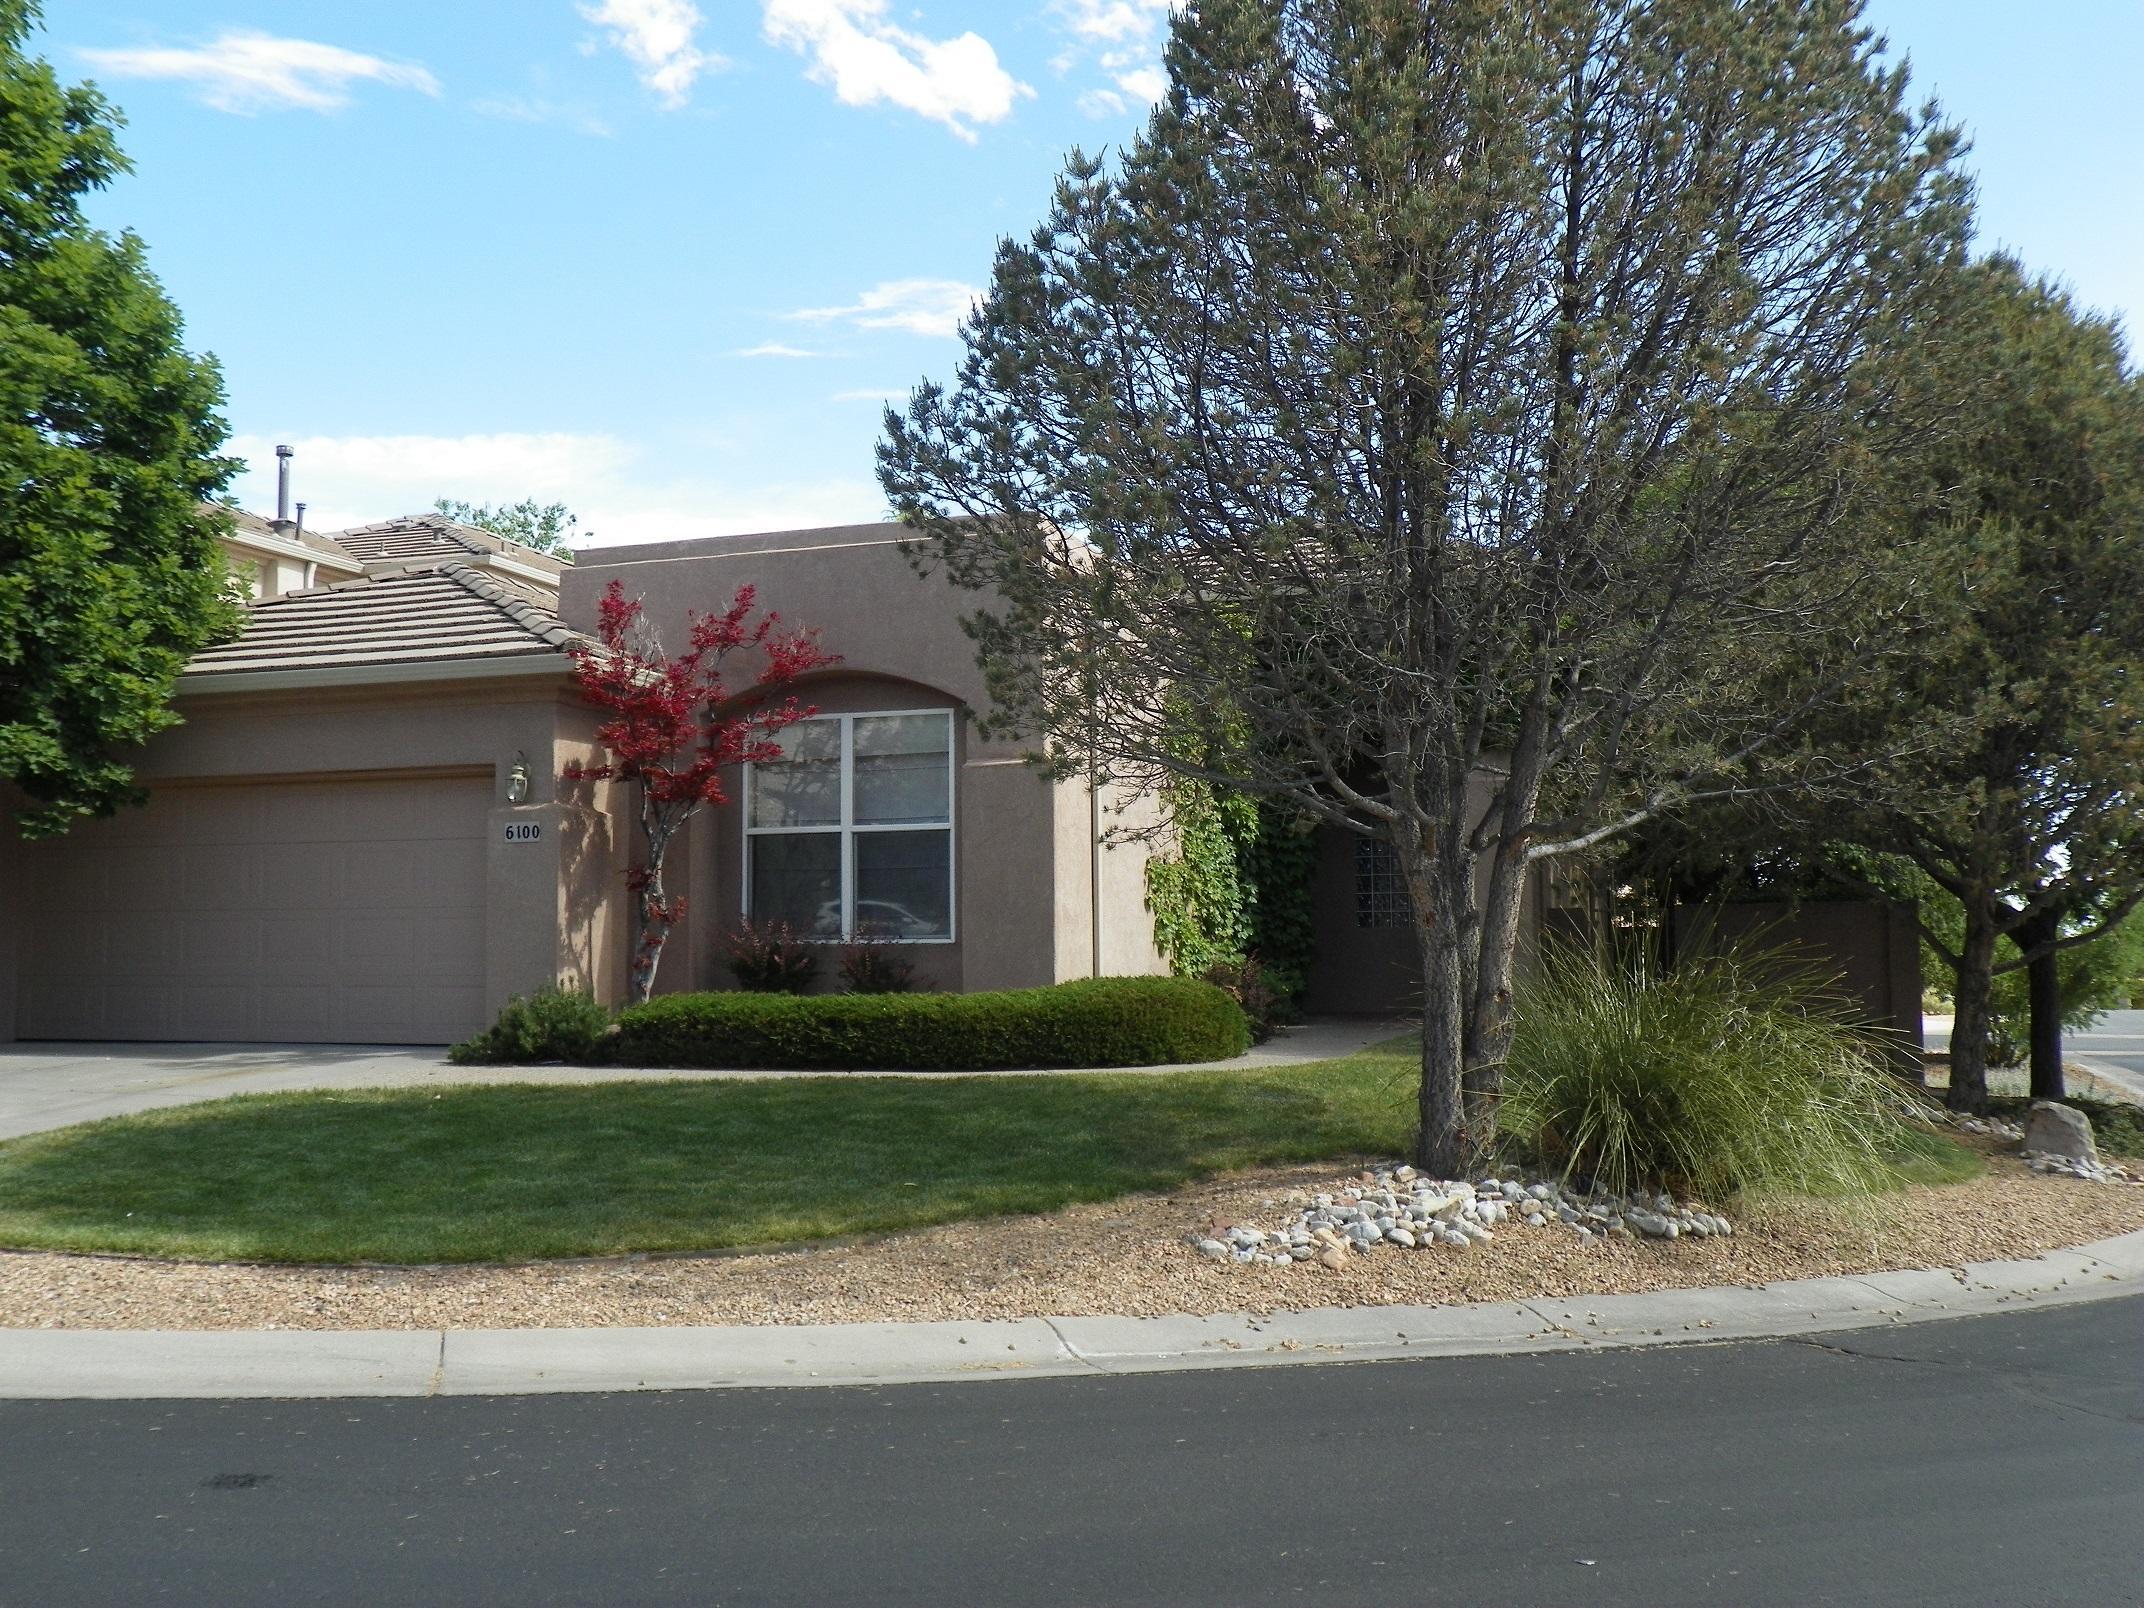 6100 PURPLE ASTER Lane, Albuquerque NM 87111